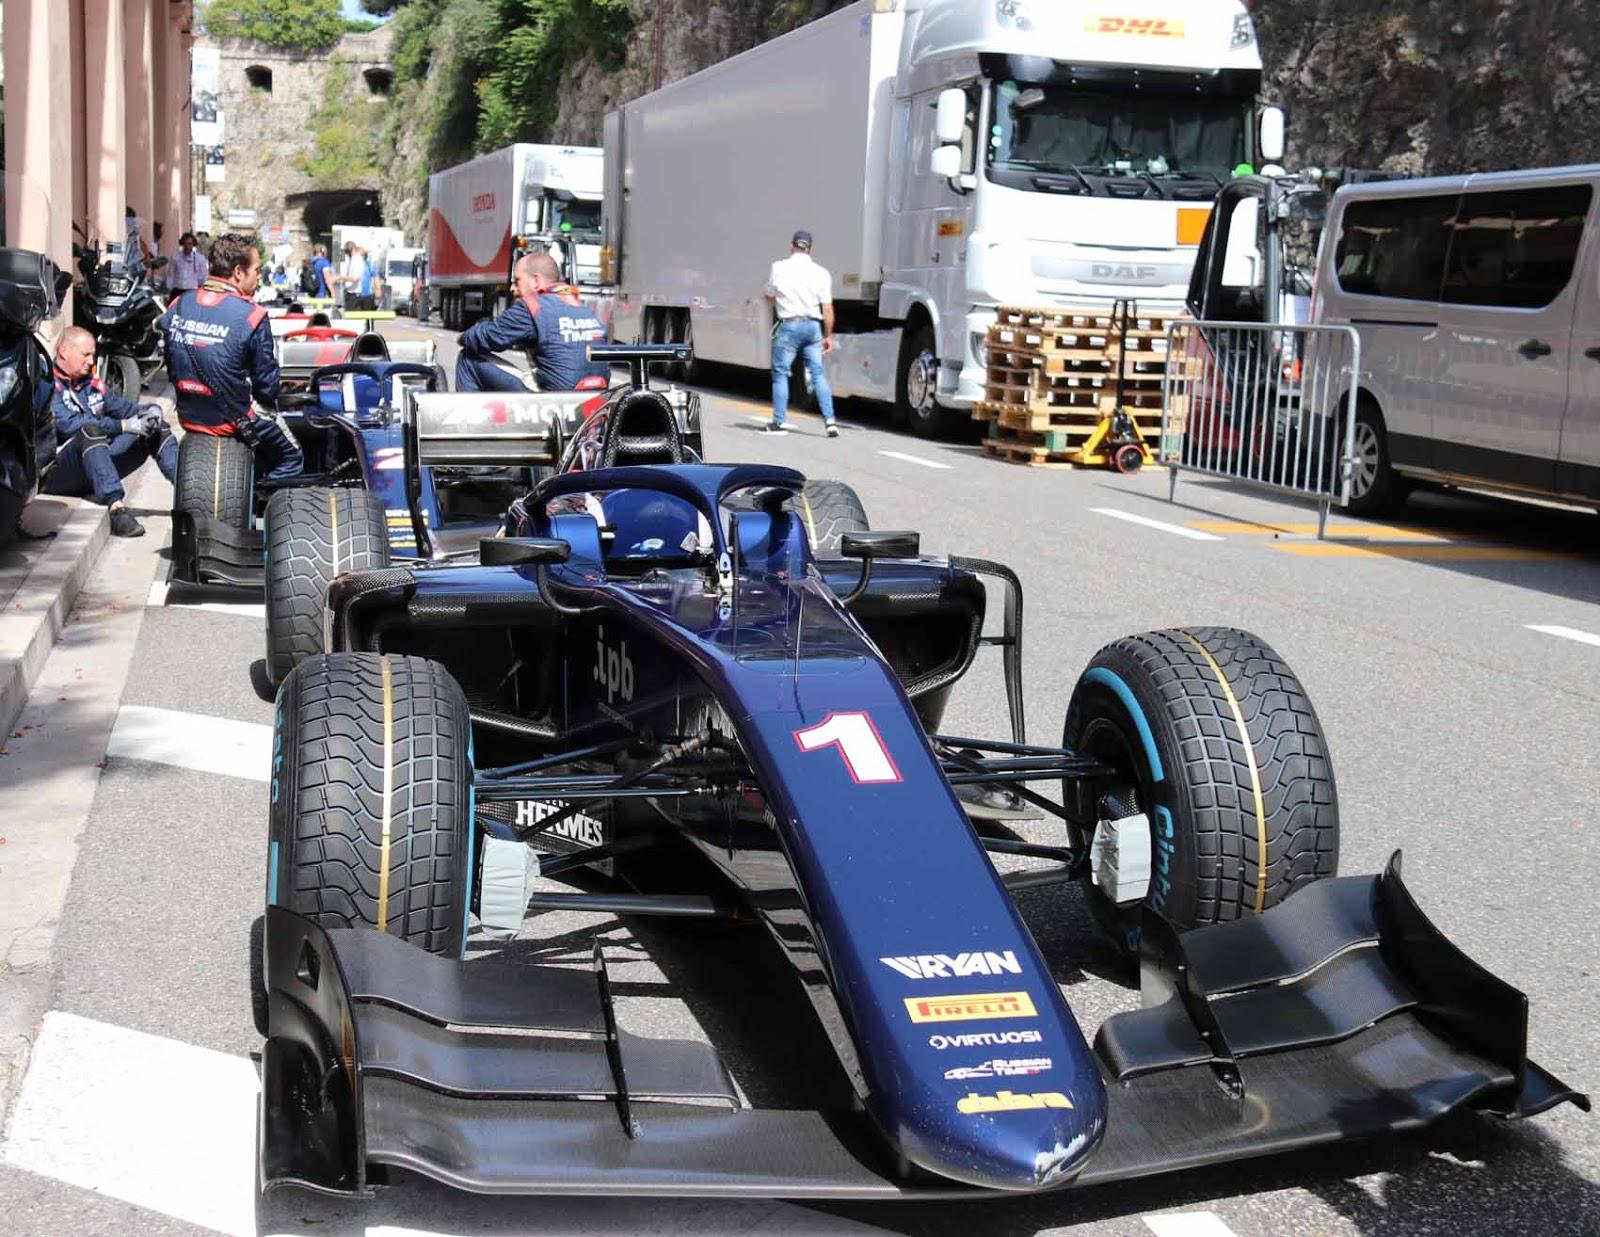 F1 GP:n jälkeen radalla ajettiin F2-kisat. Autot odottivat Stars'N'Bars ravintolan takana kulkevalla kadulla